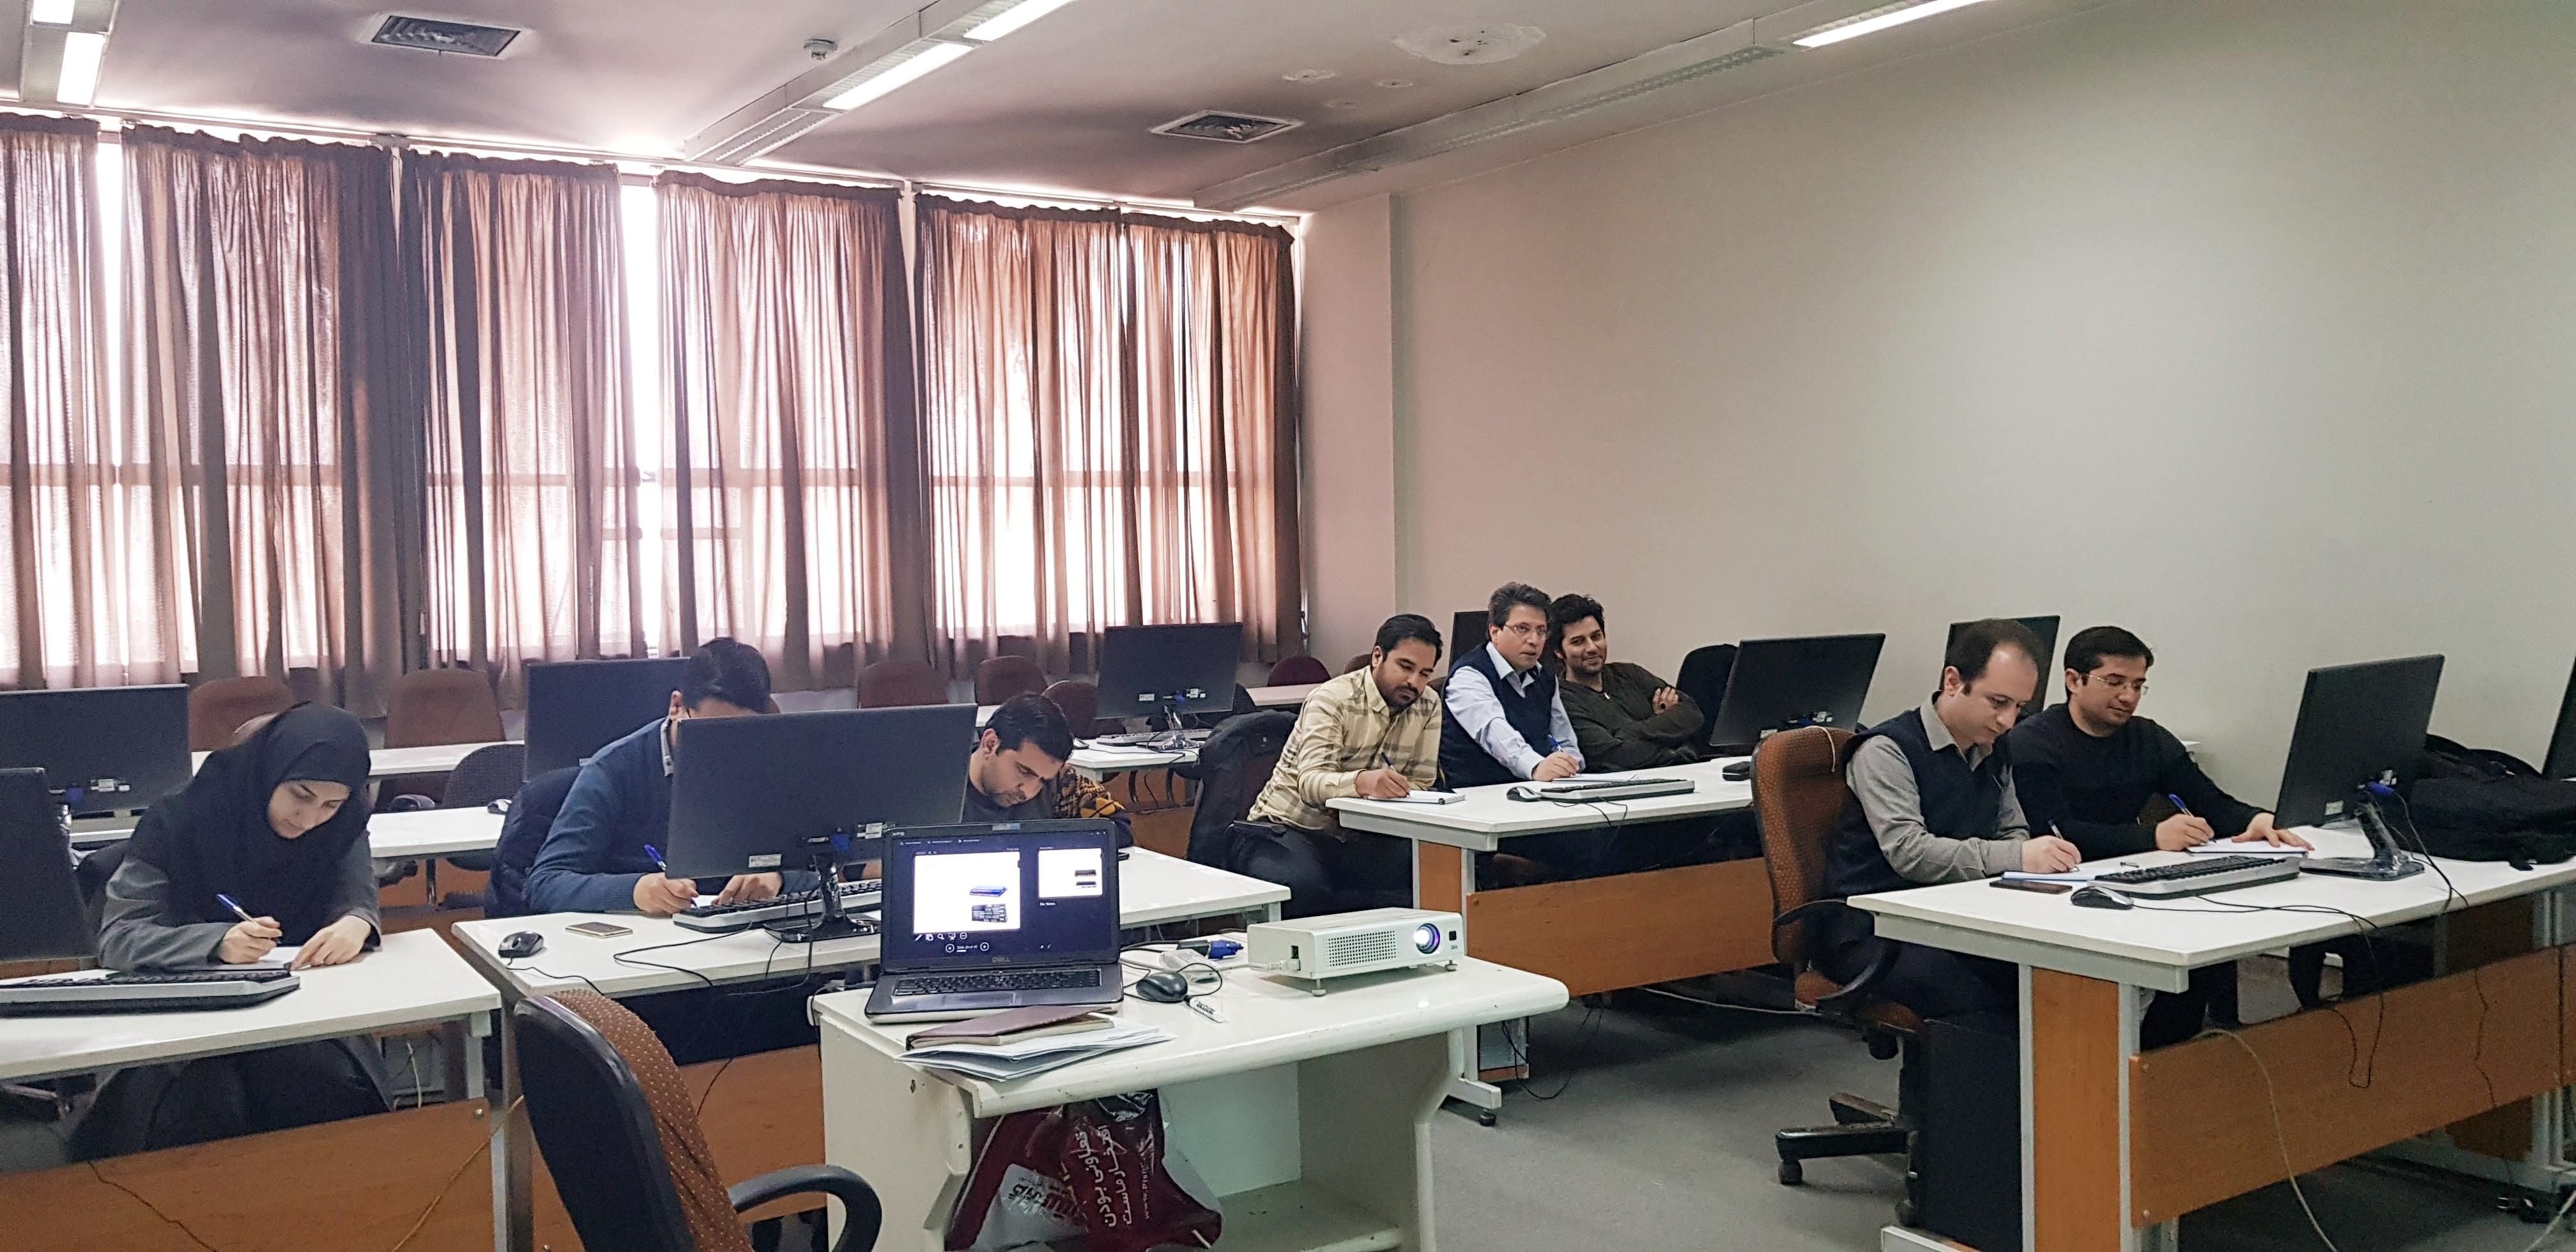 برگزاری دوره +Network در مجتمع آموزش عالی علمی-کاربردی صنعت آب و برق استان خراسان (مشهد)